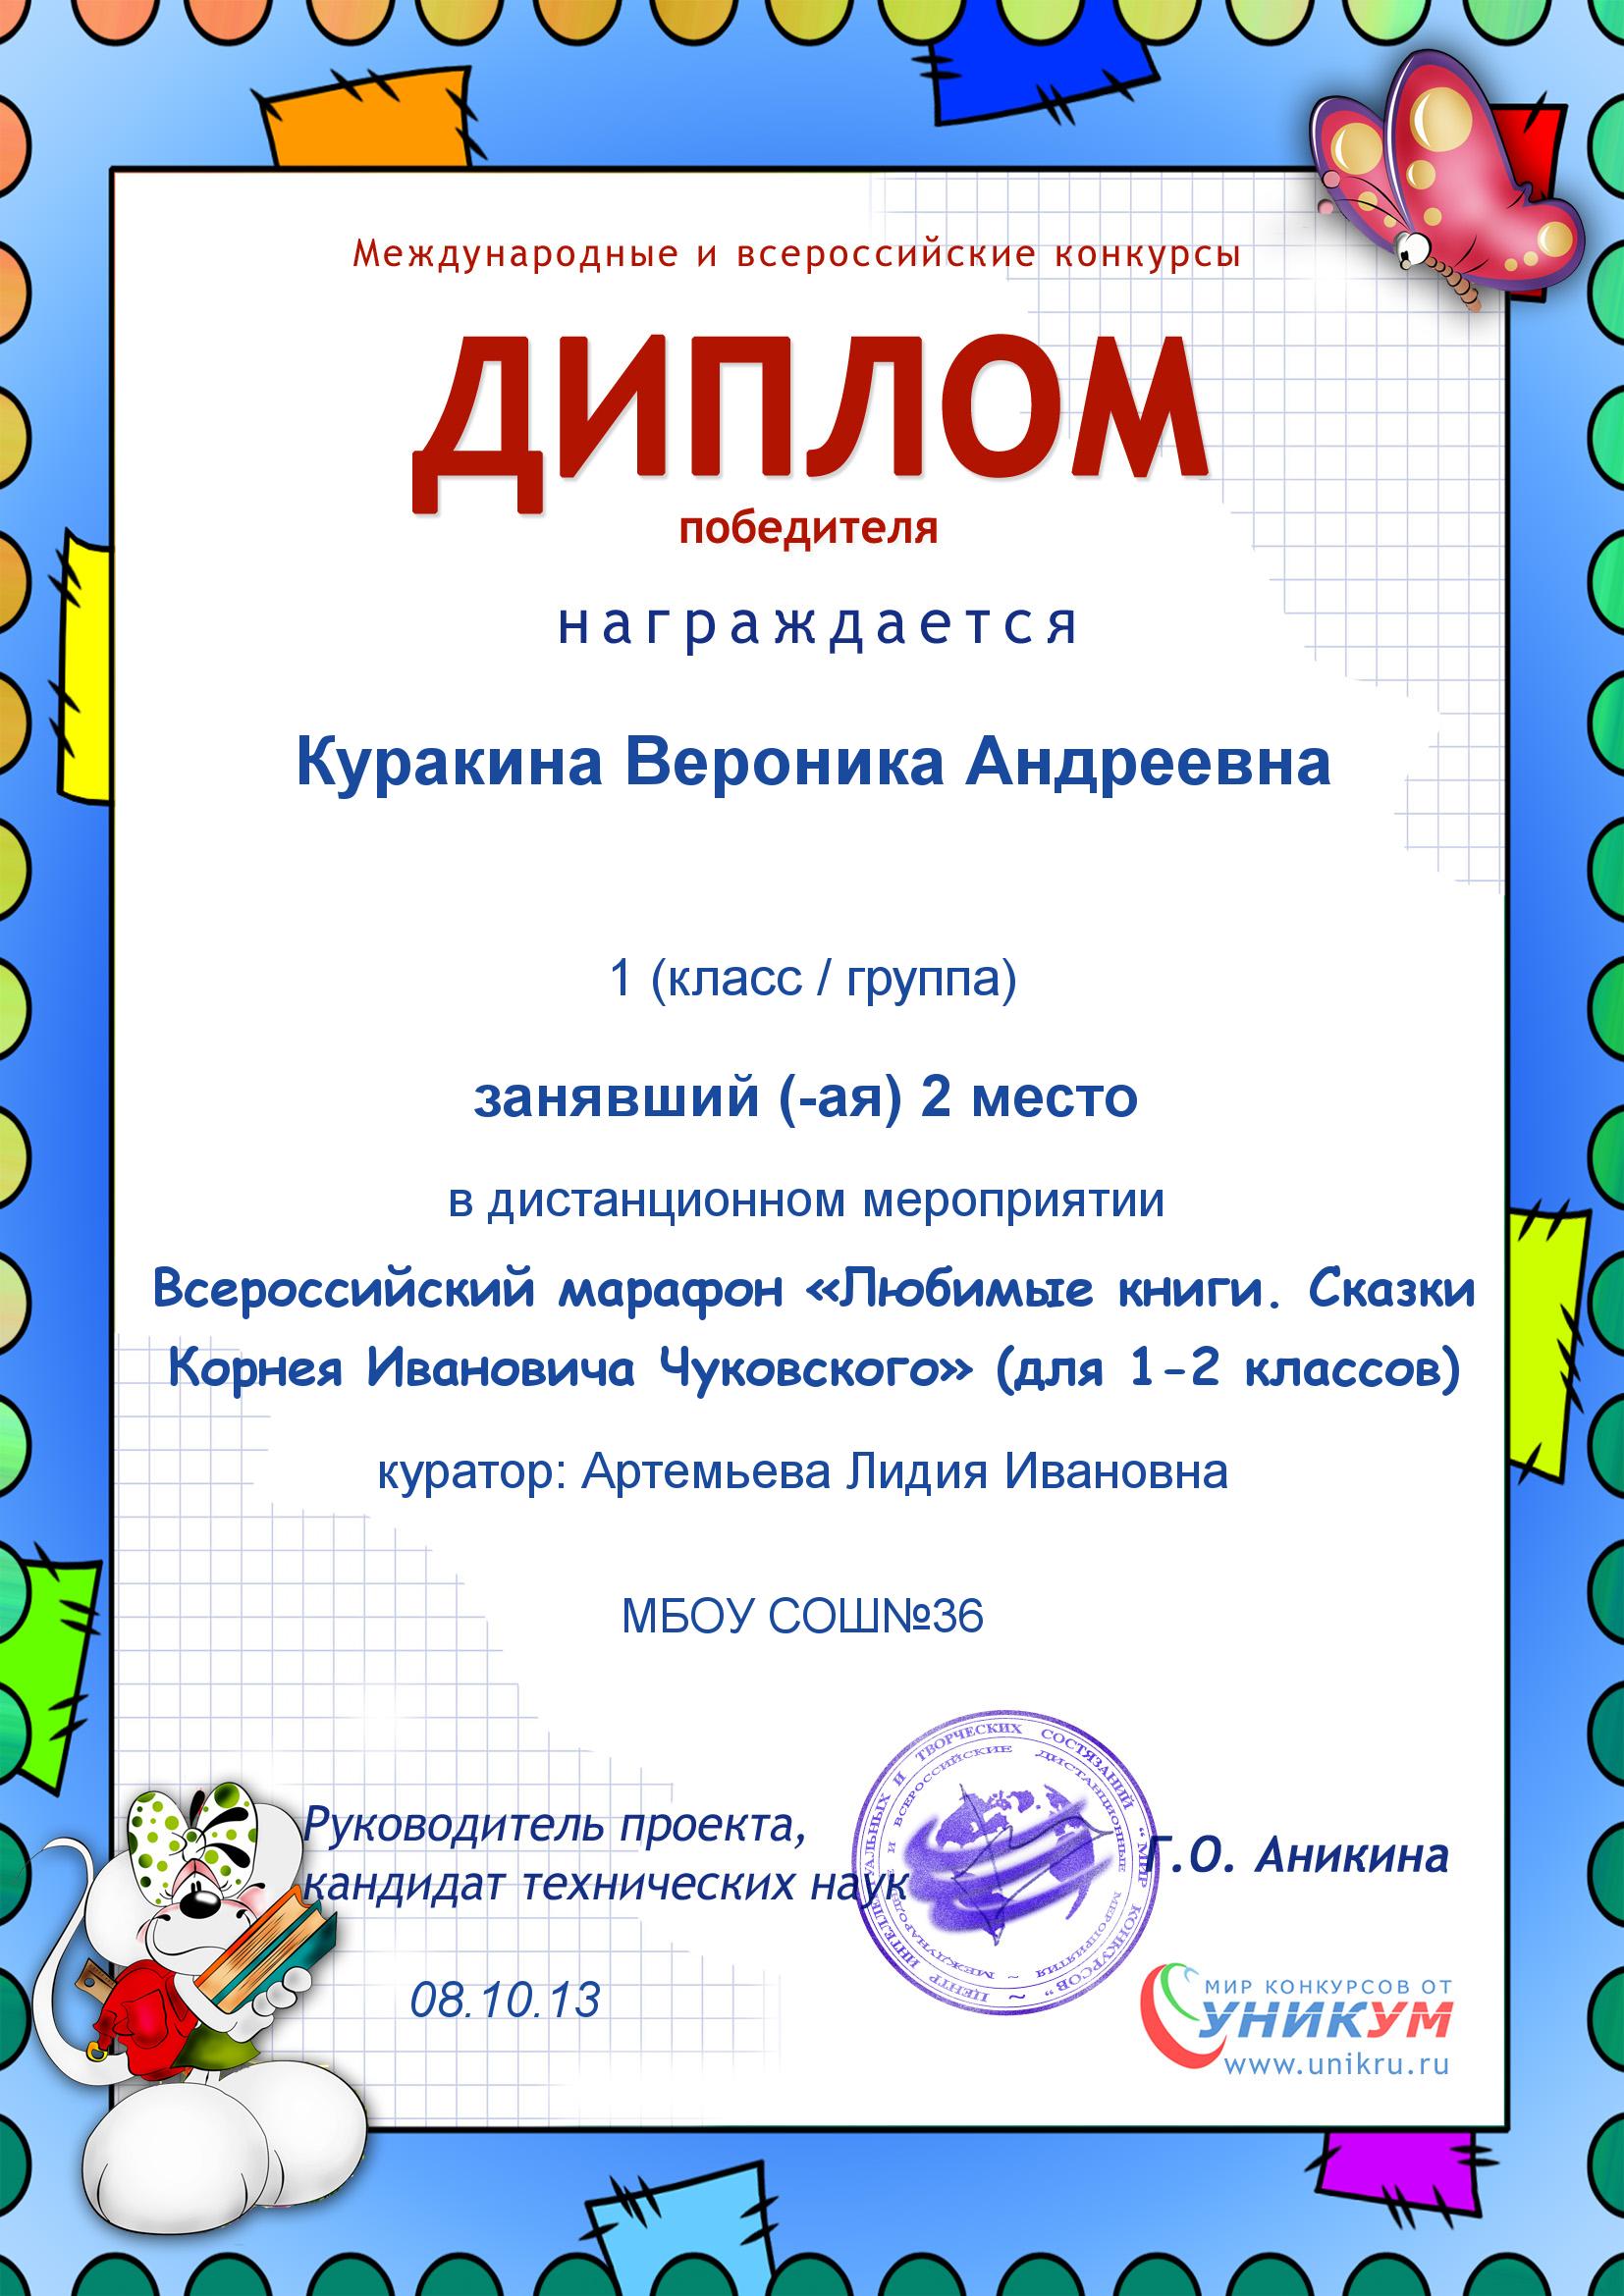 Все конкурсы и гранты для дошкольников